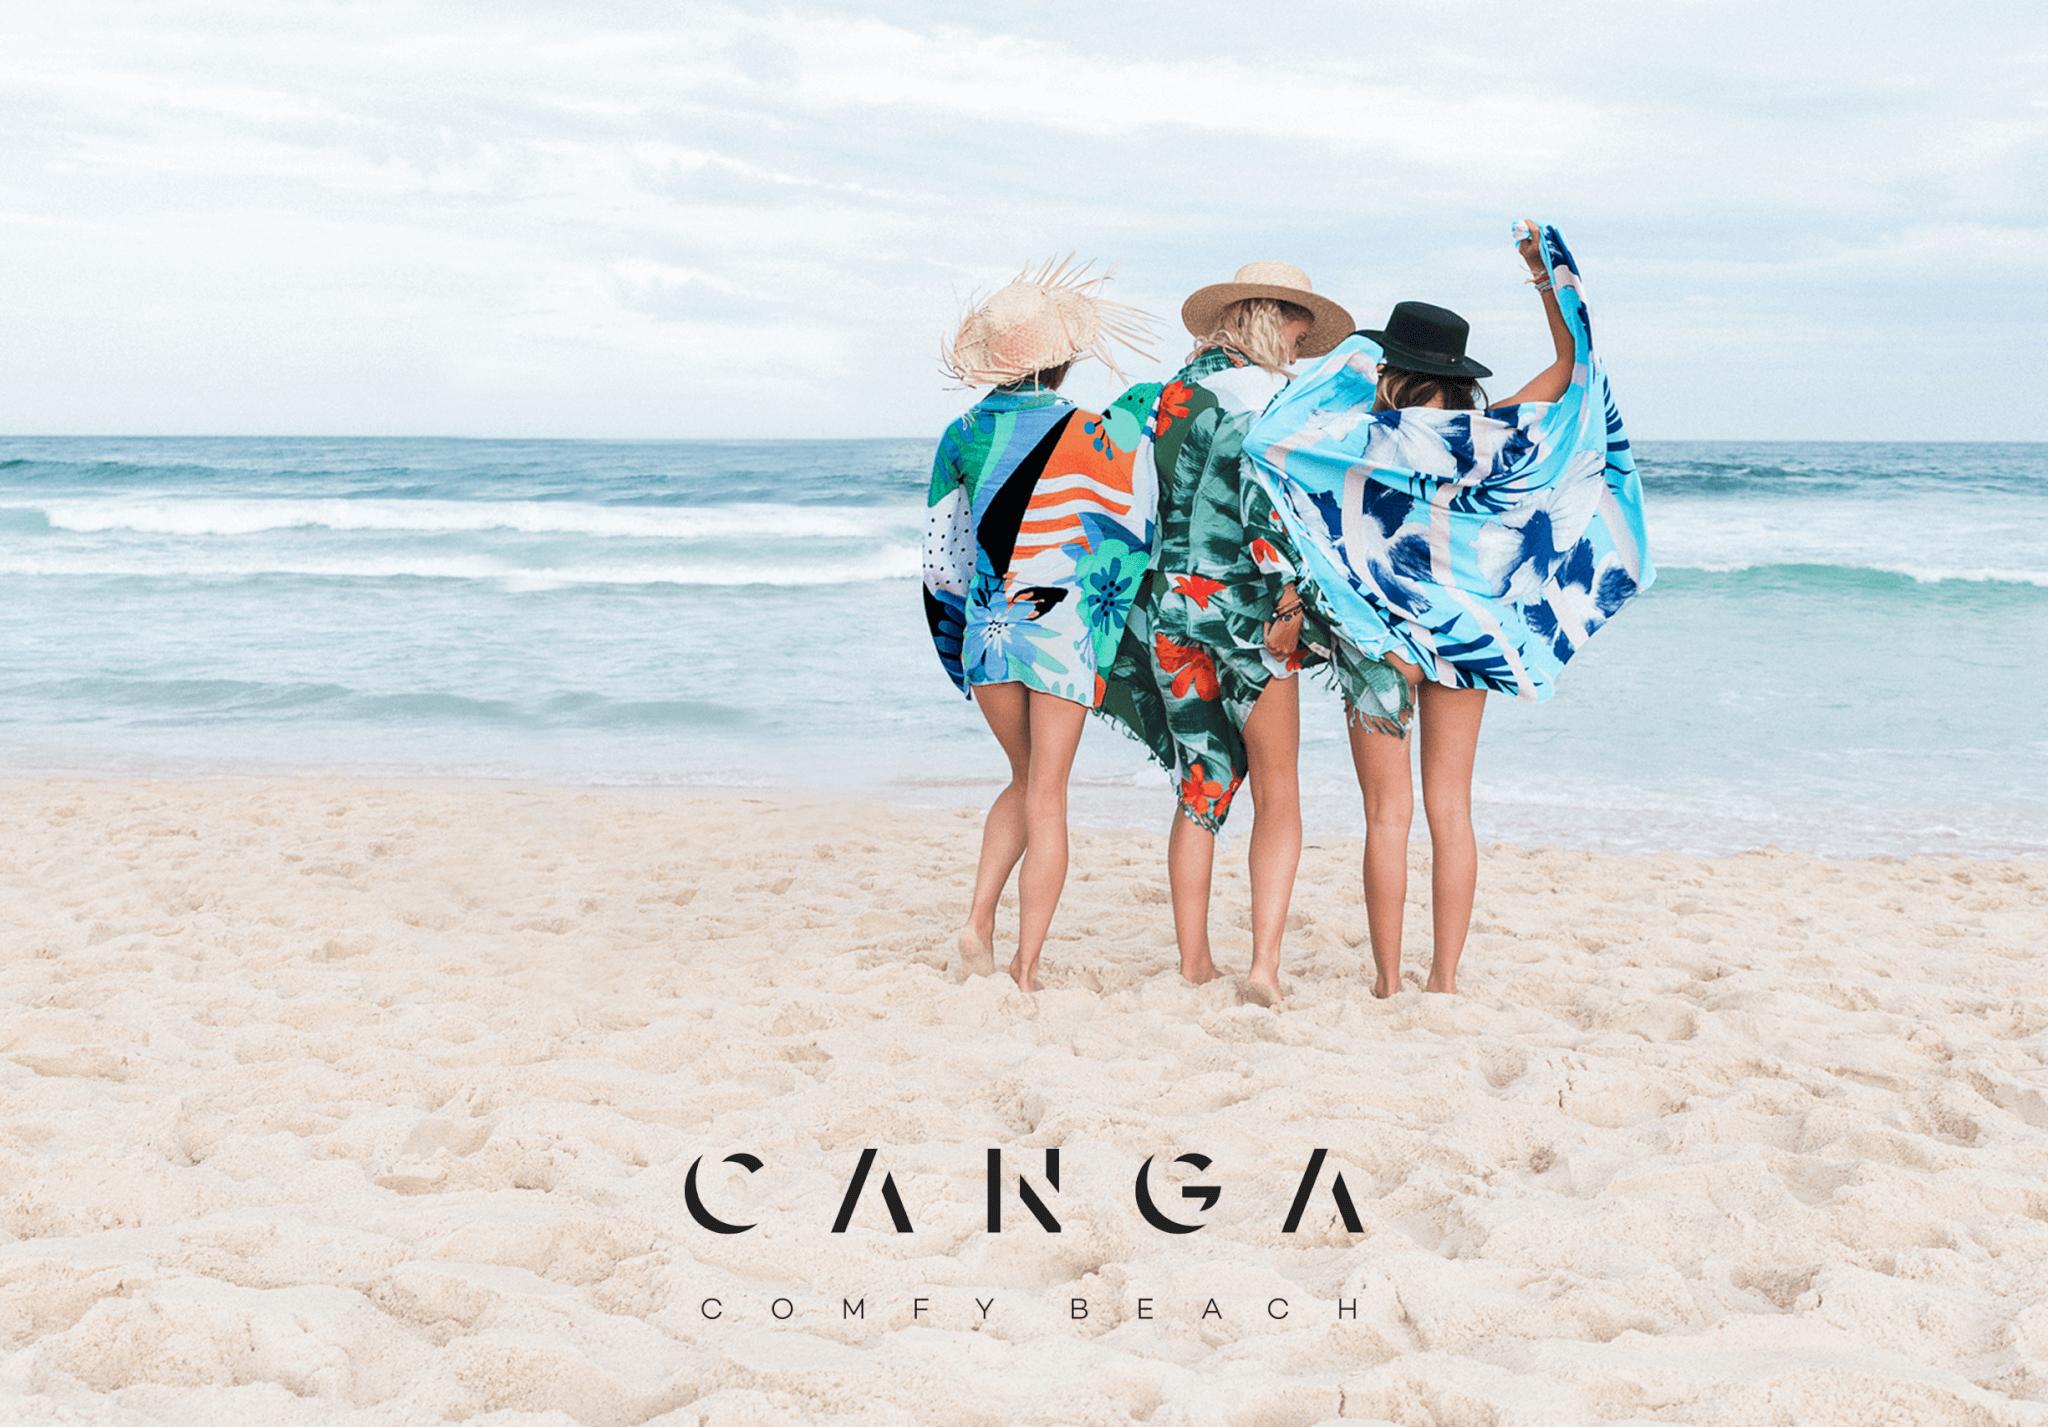 Canga-09